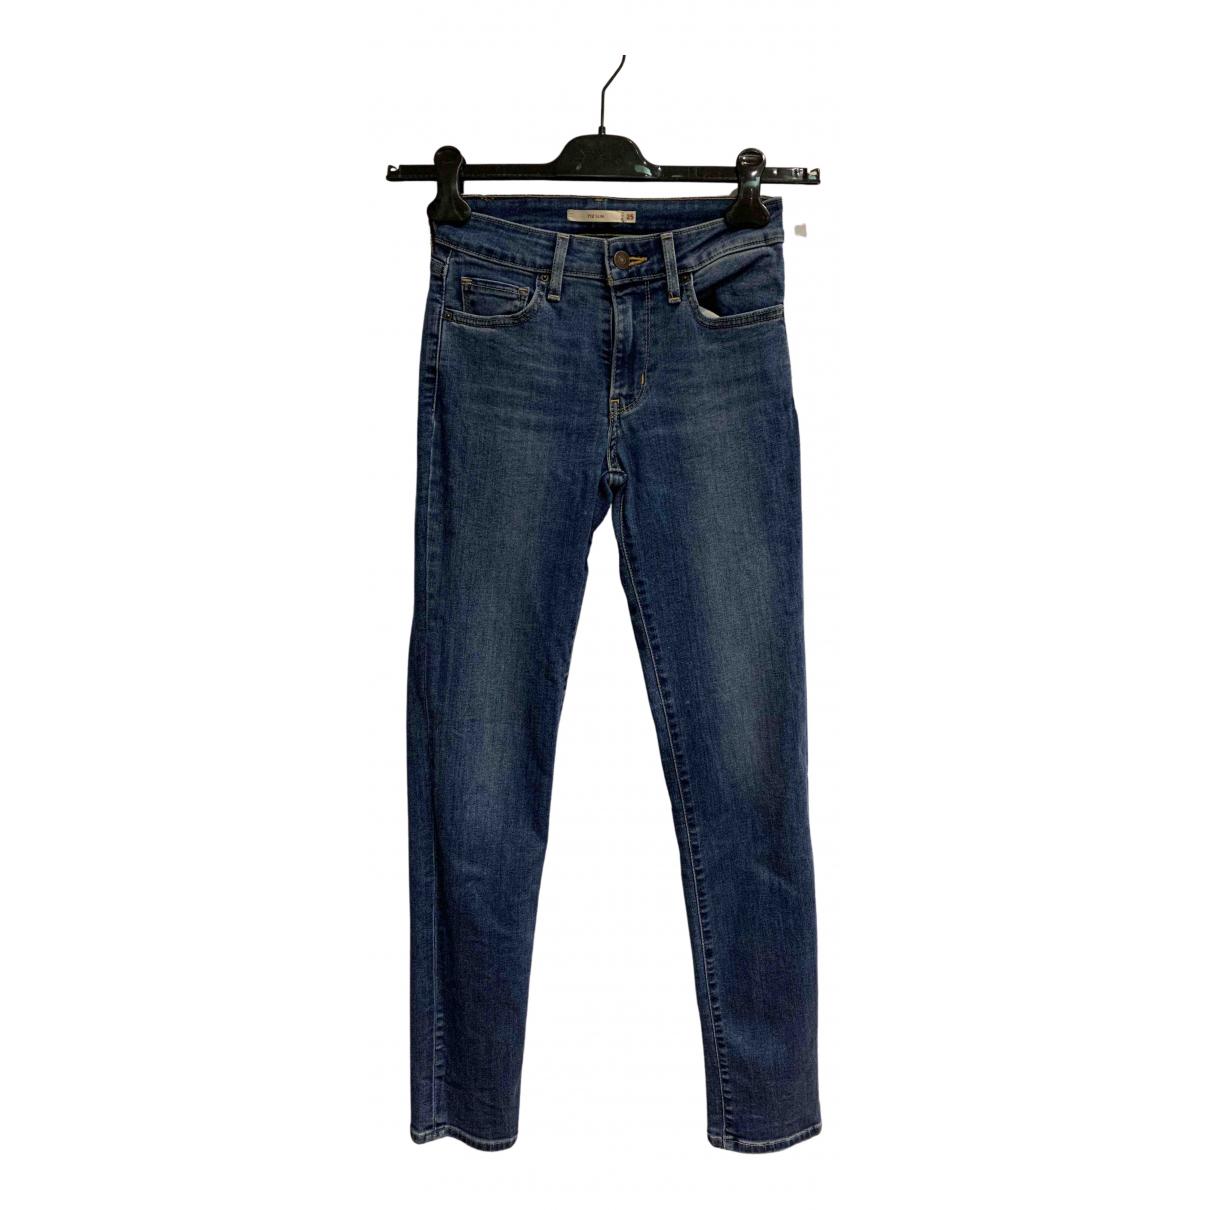 Levi's 712 Blue Denim - Jeans Jeans for Women 25 US